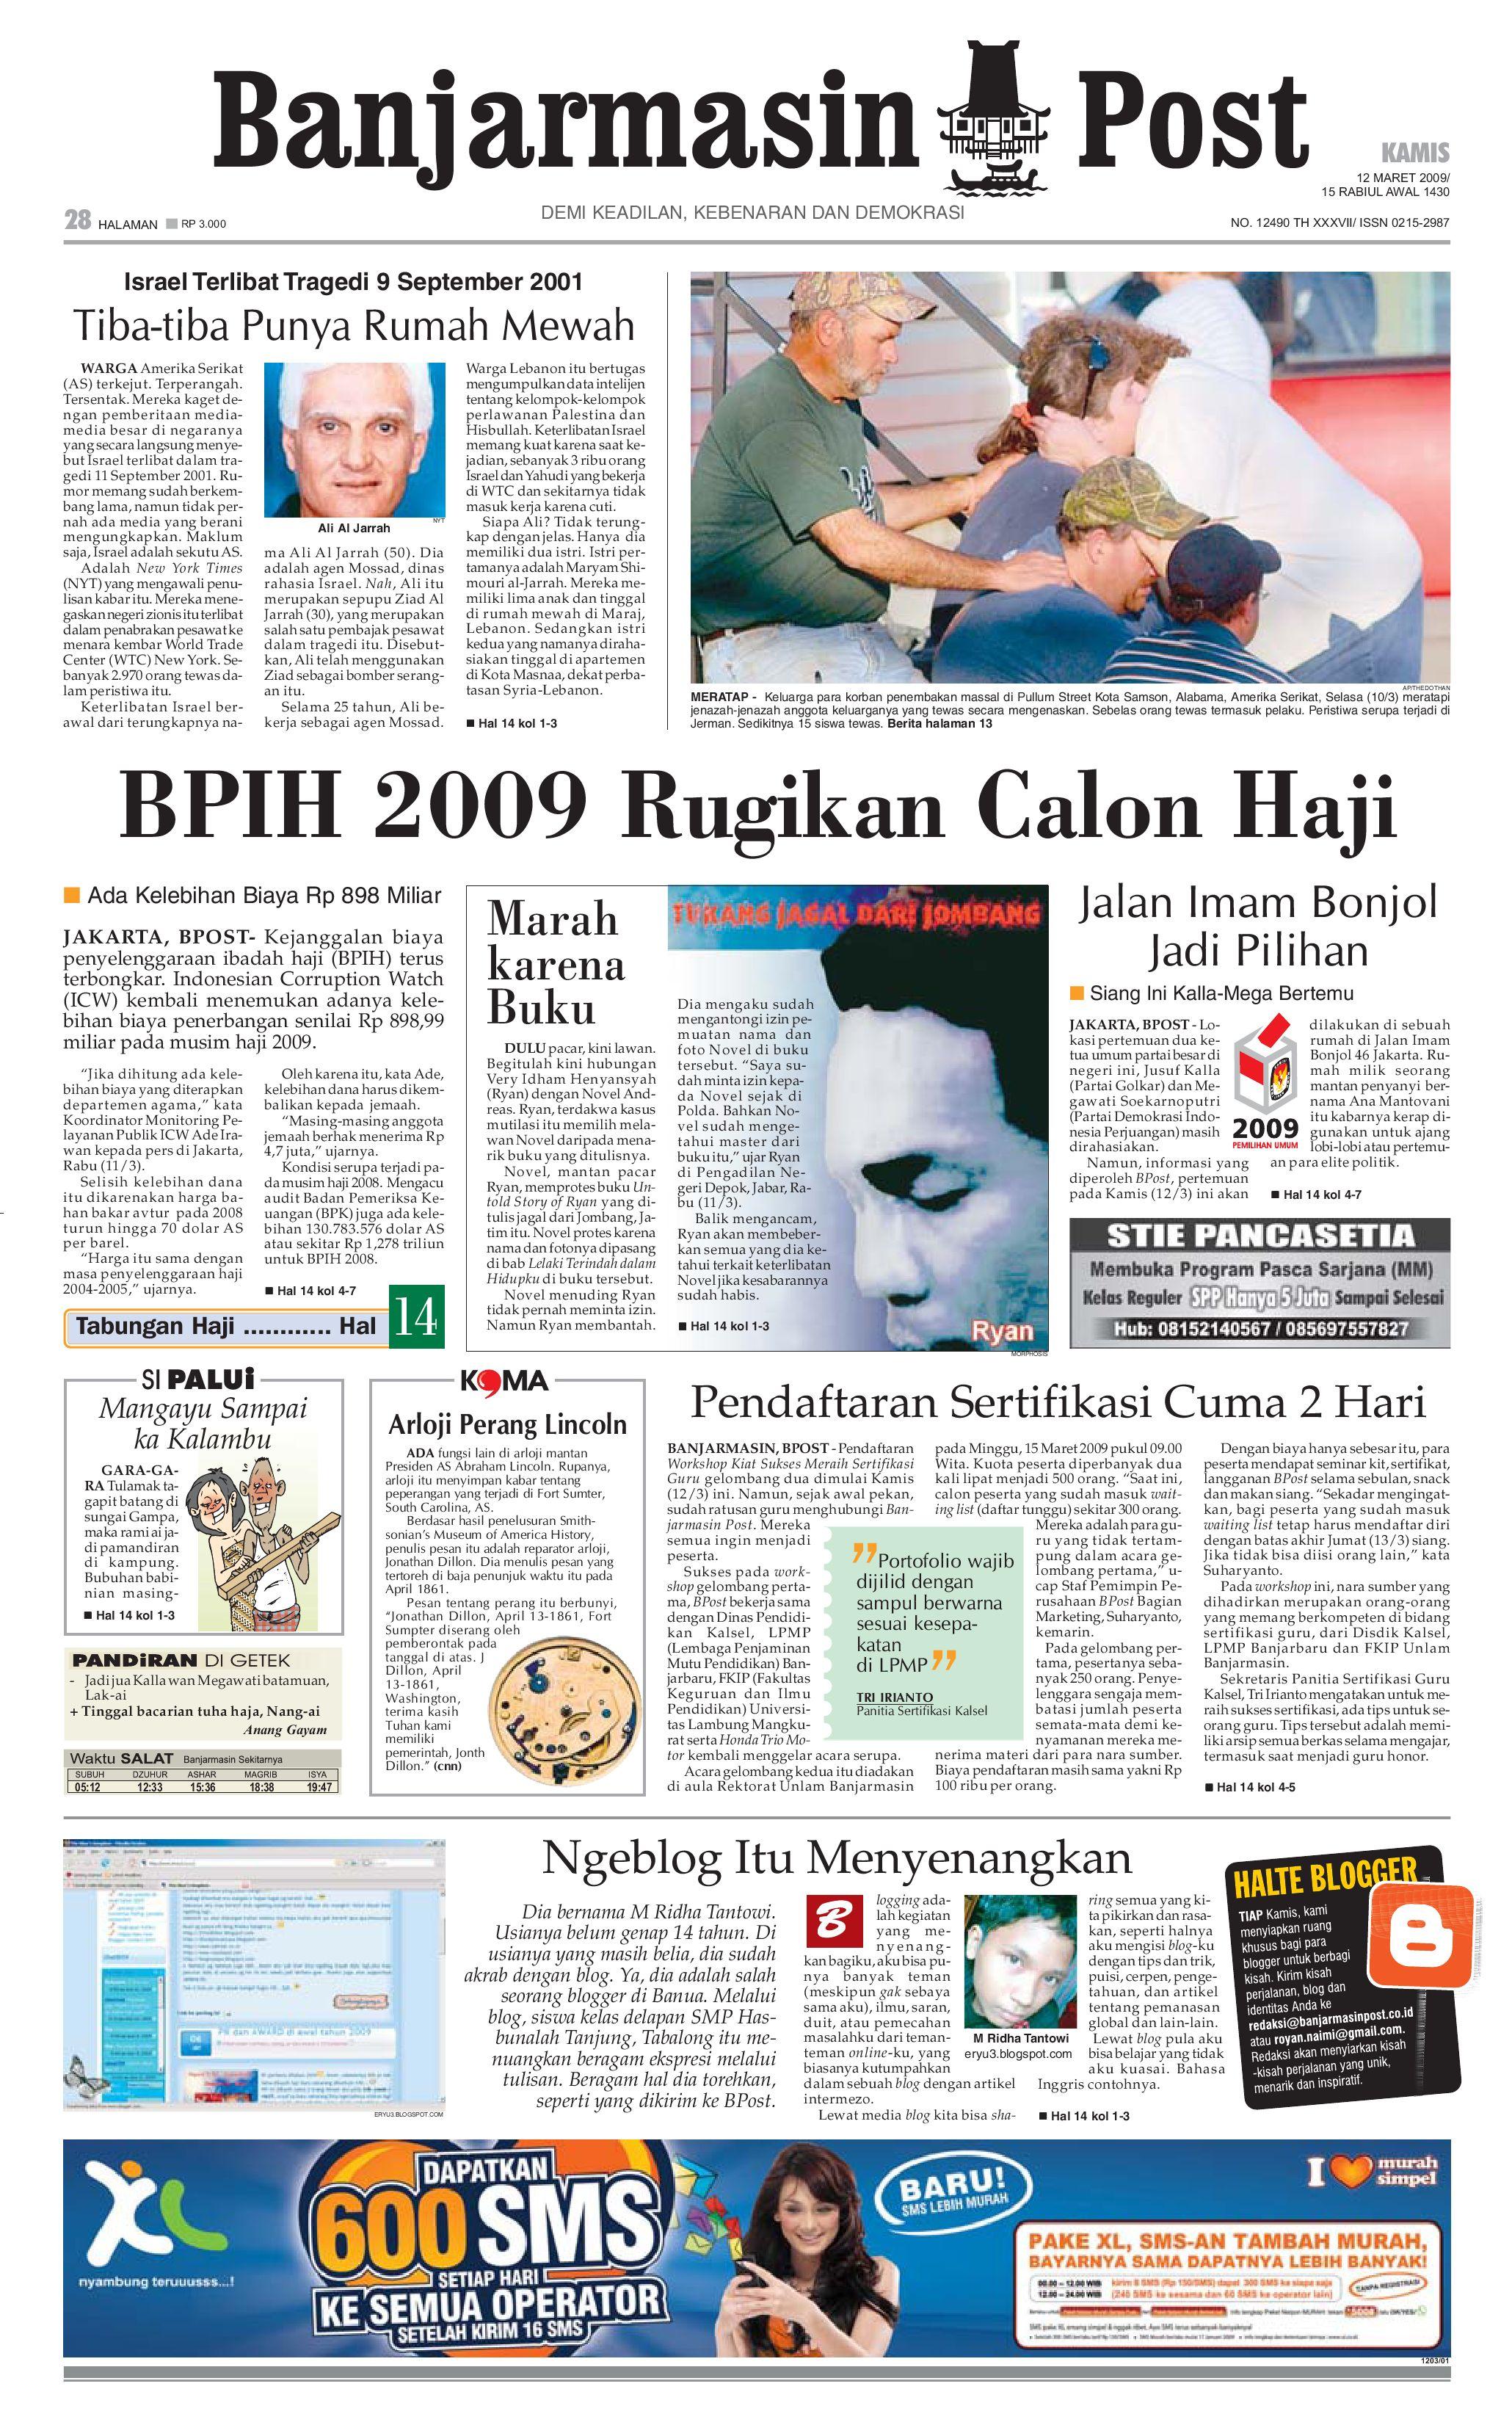 Banjarmasin Post 12 Maret 2009 By Issuu Snack Gayem Pangsit Bantal Imut Bdg